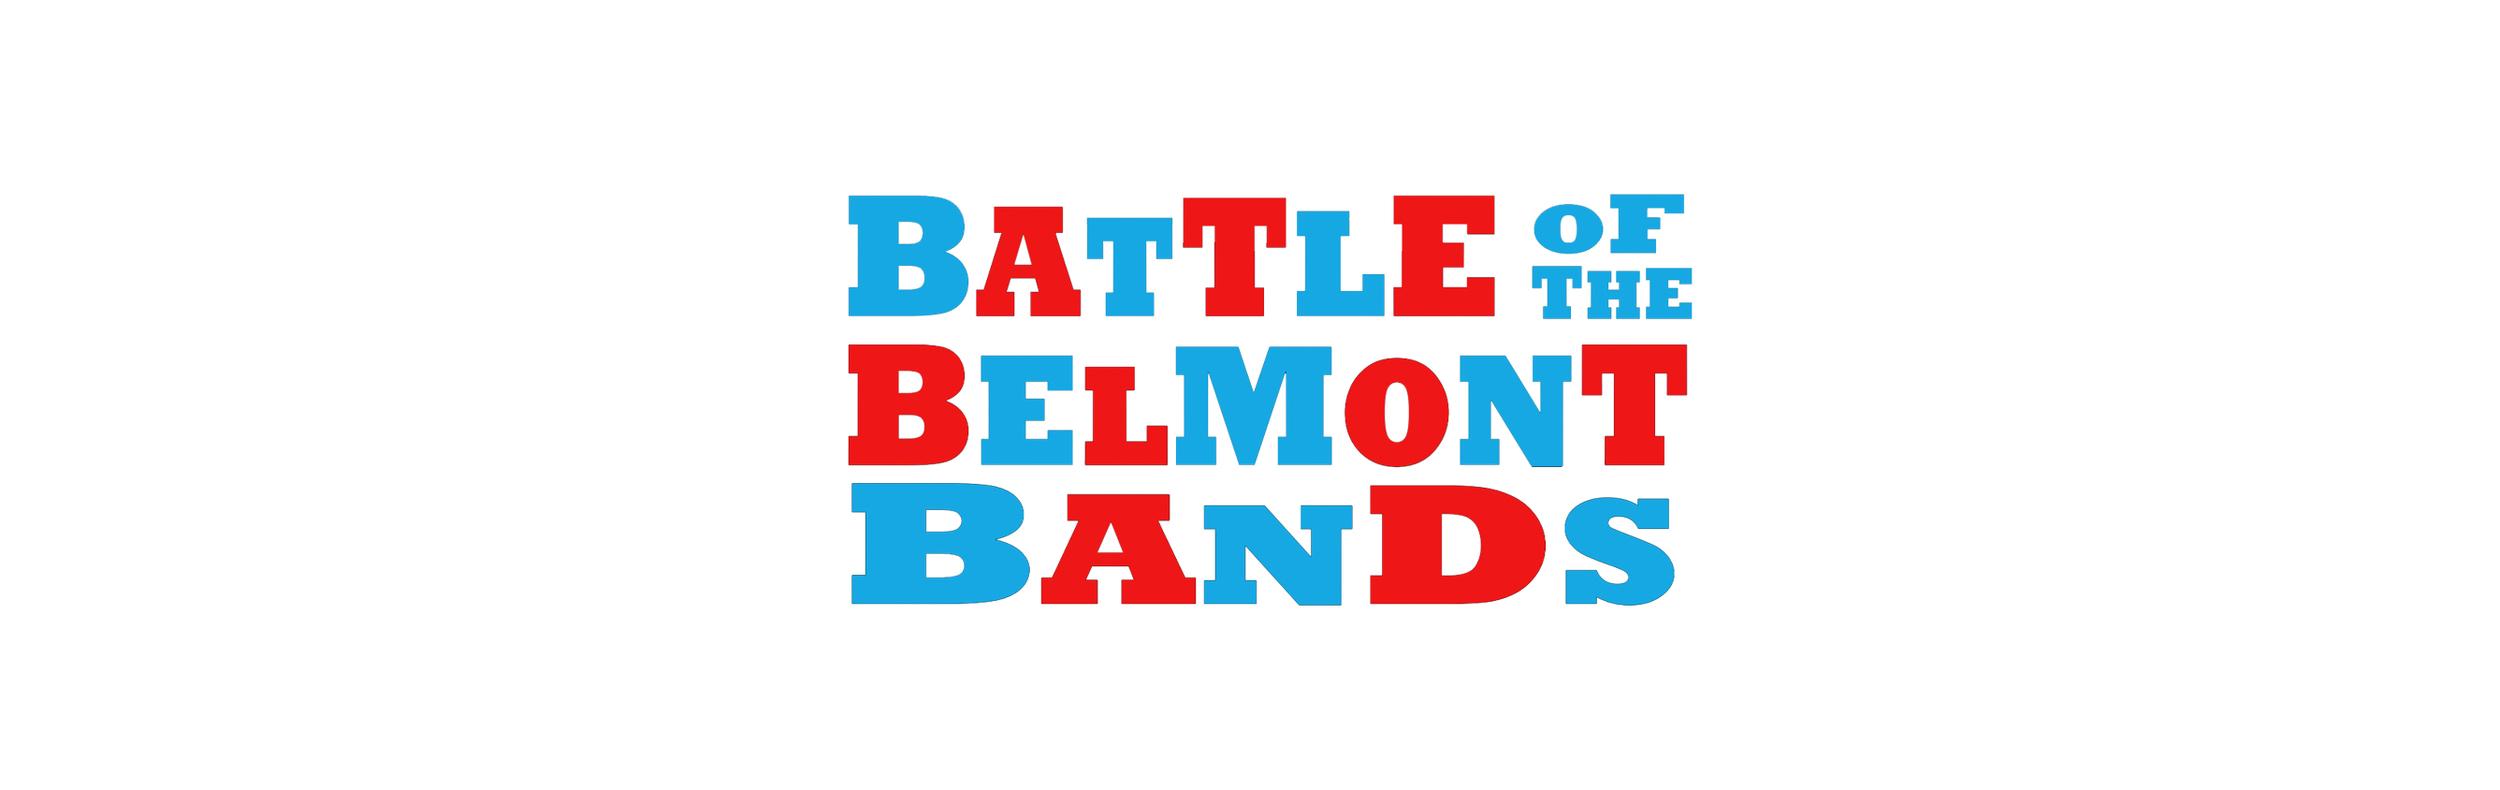 Battle of the Bands 2015 Header Image.jpg